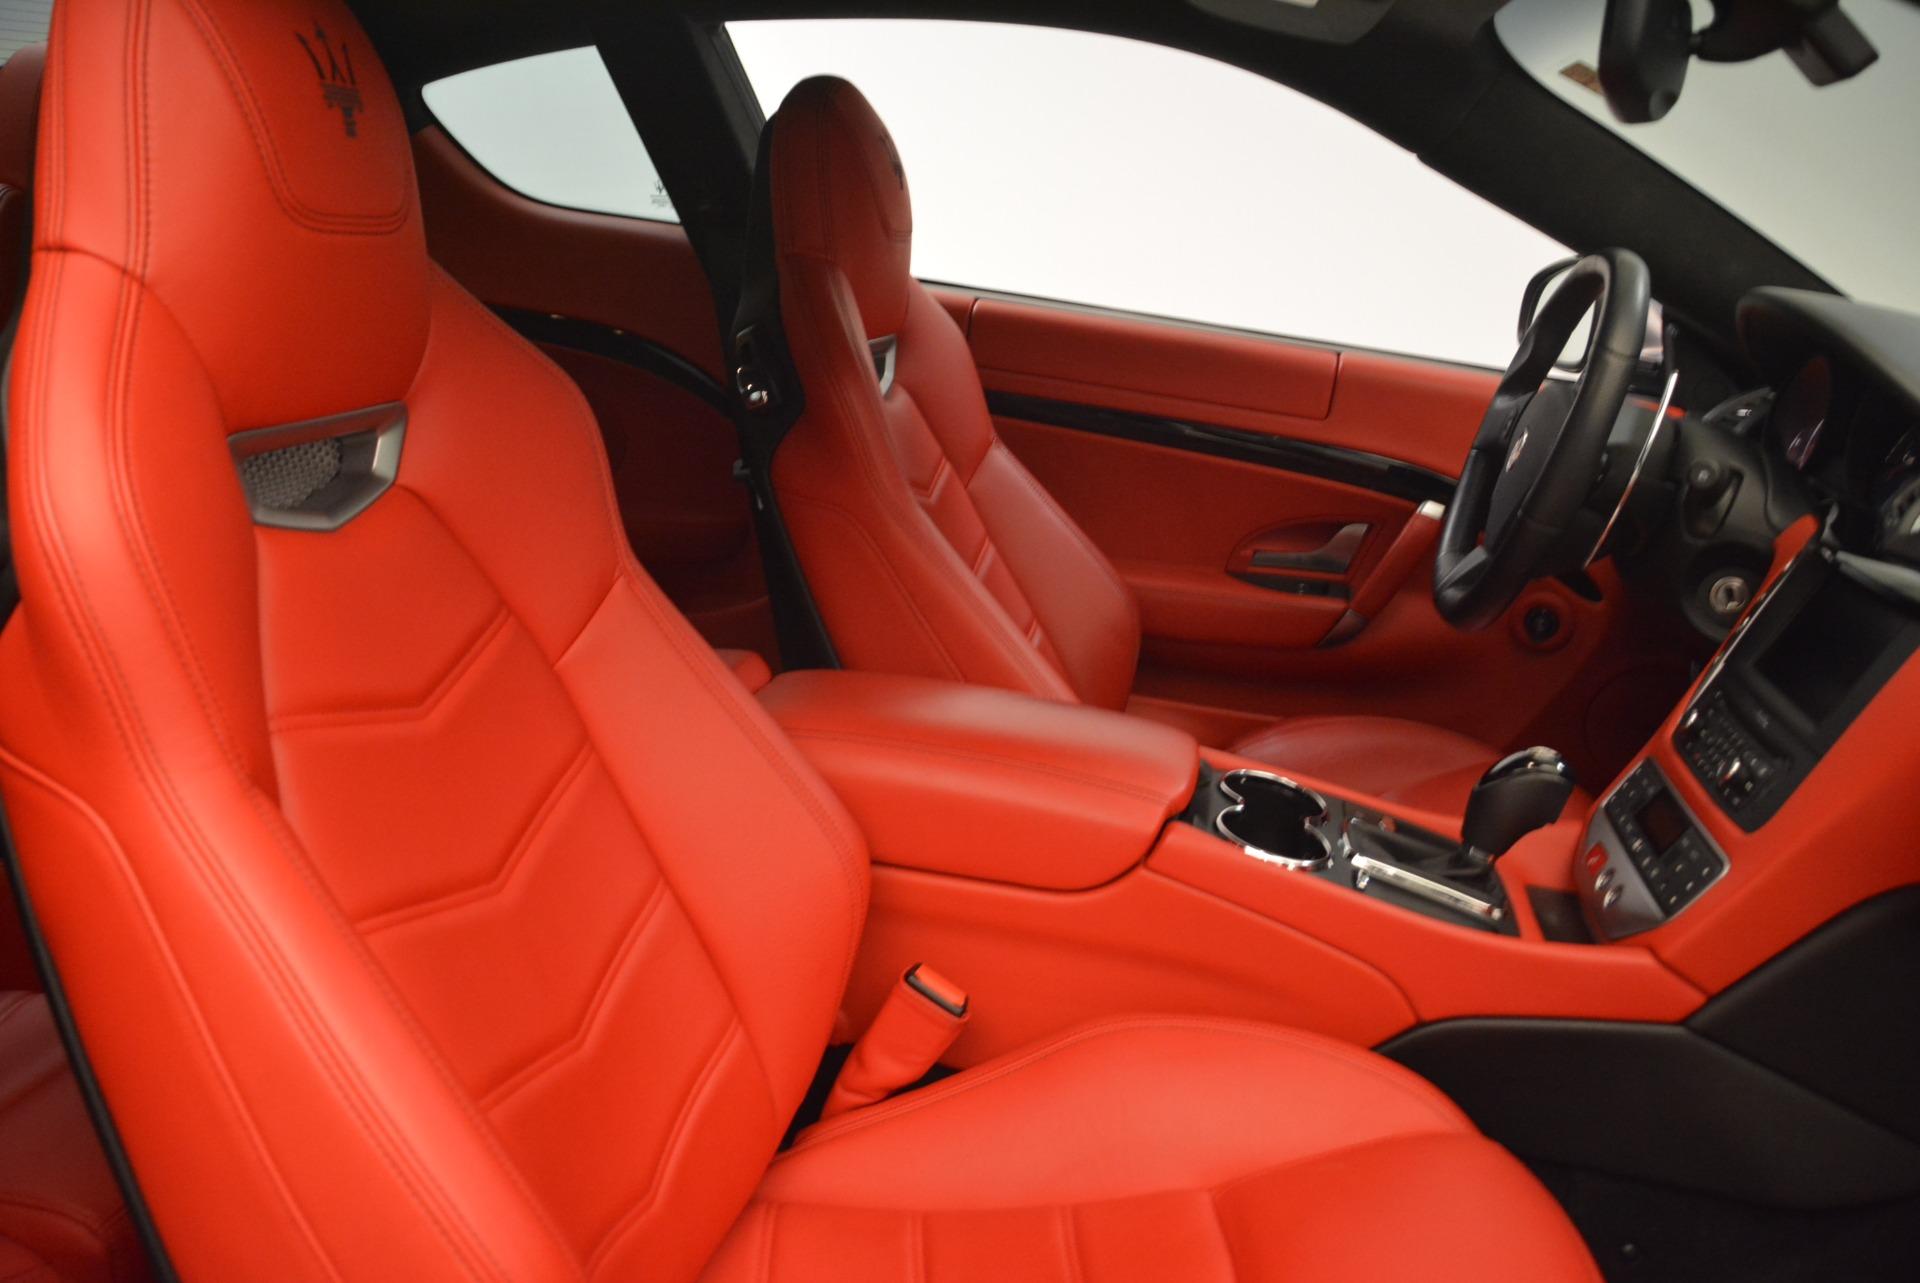 Used 2014 Maserati GranTurismo Sport For Sale In Westport, CT 2131_p18